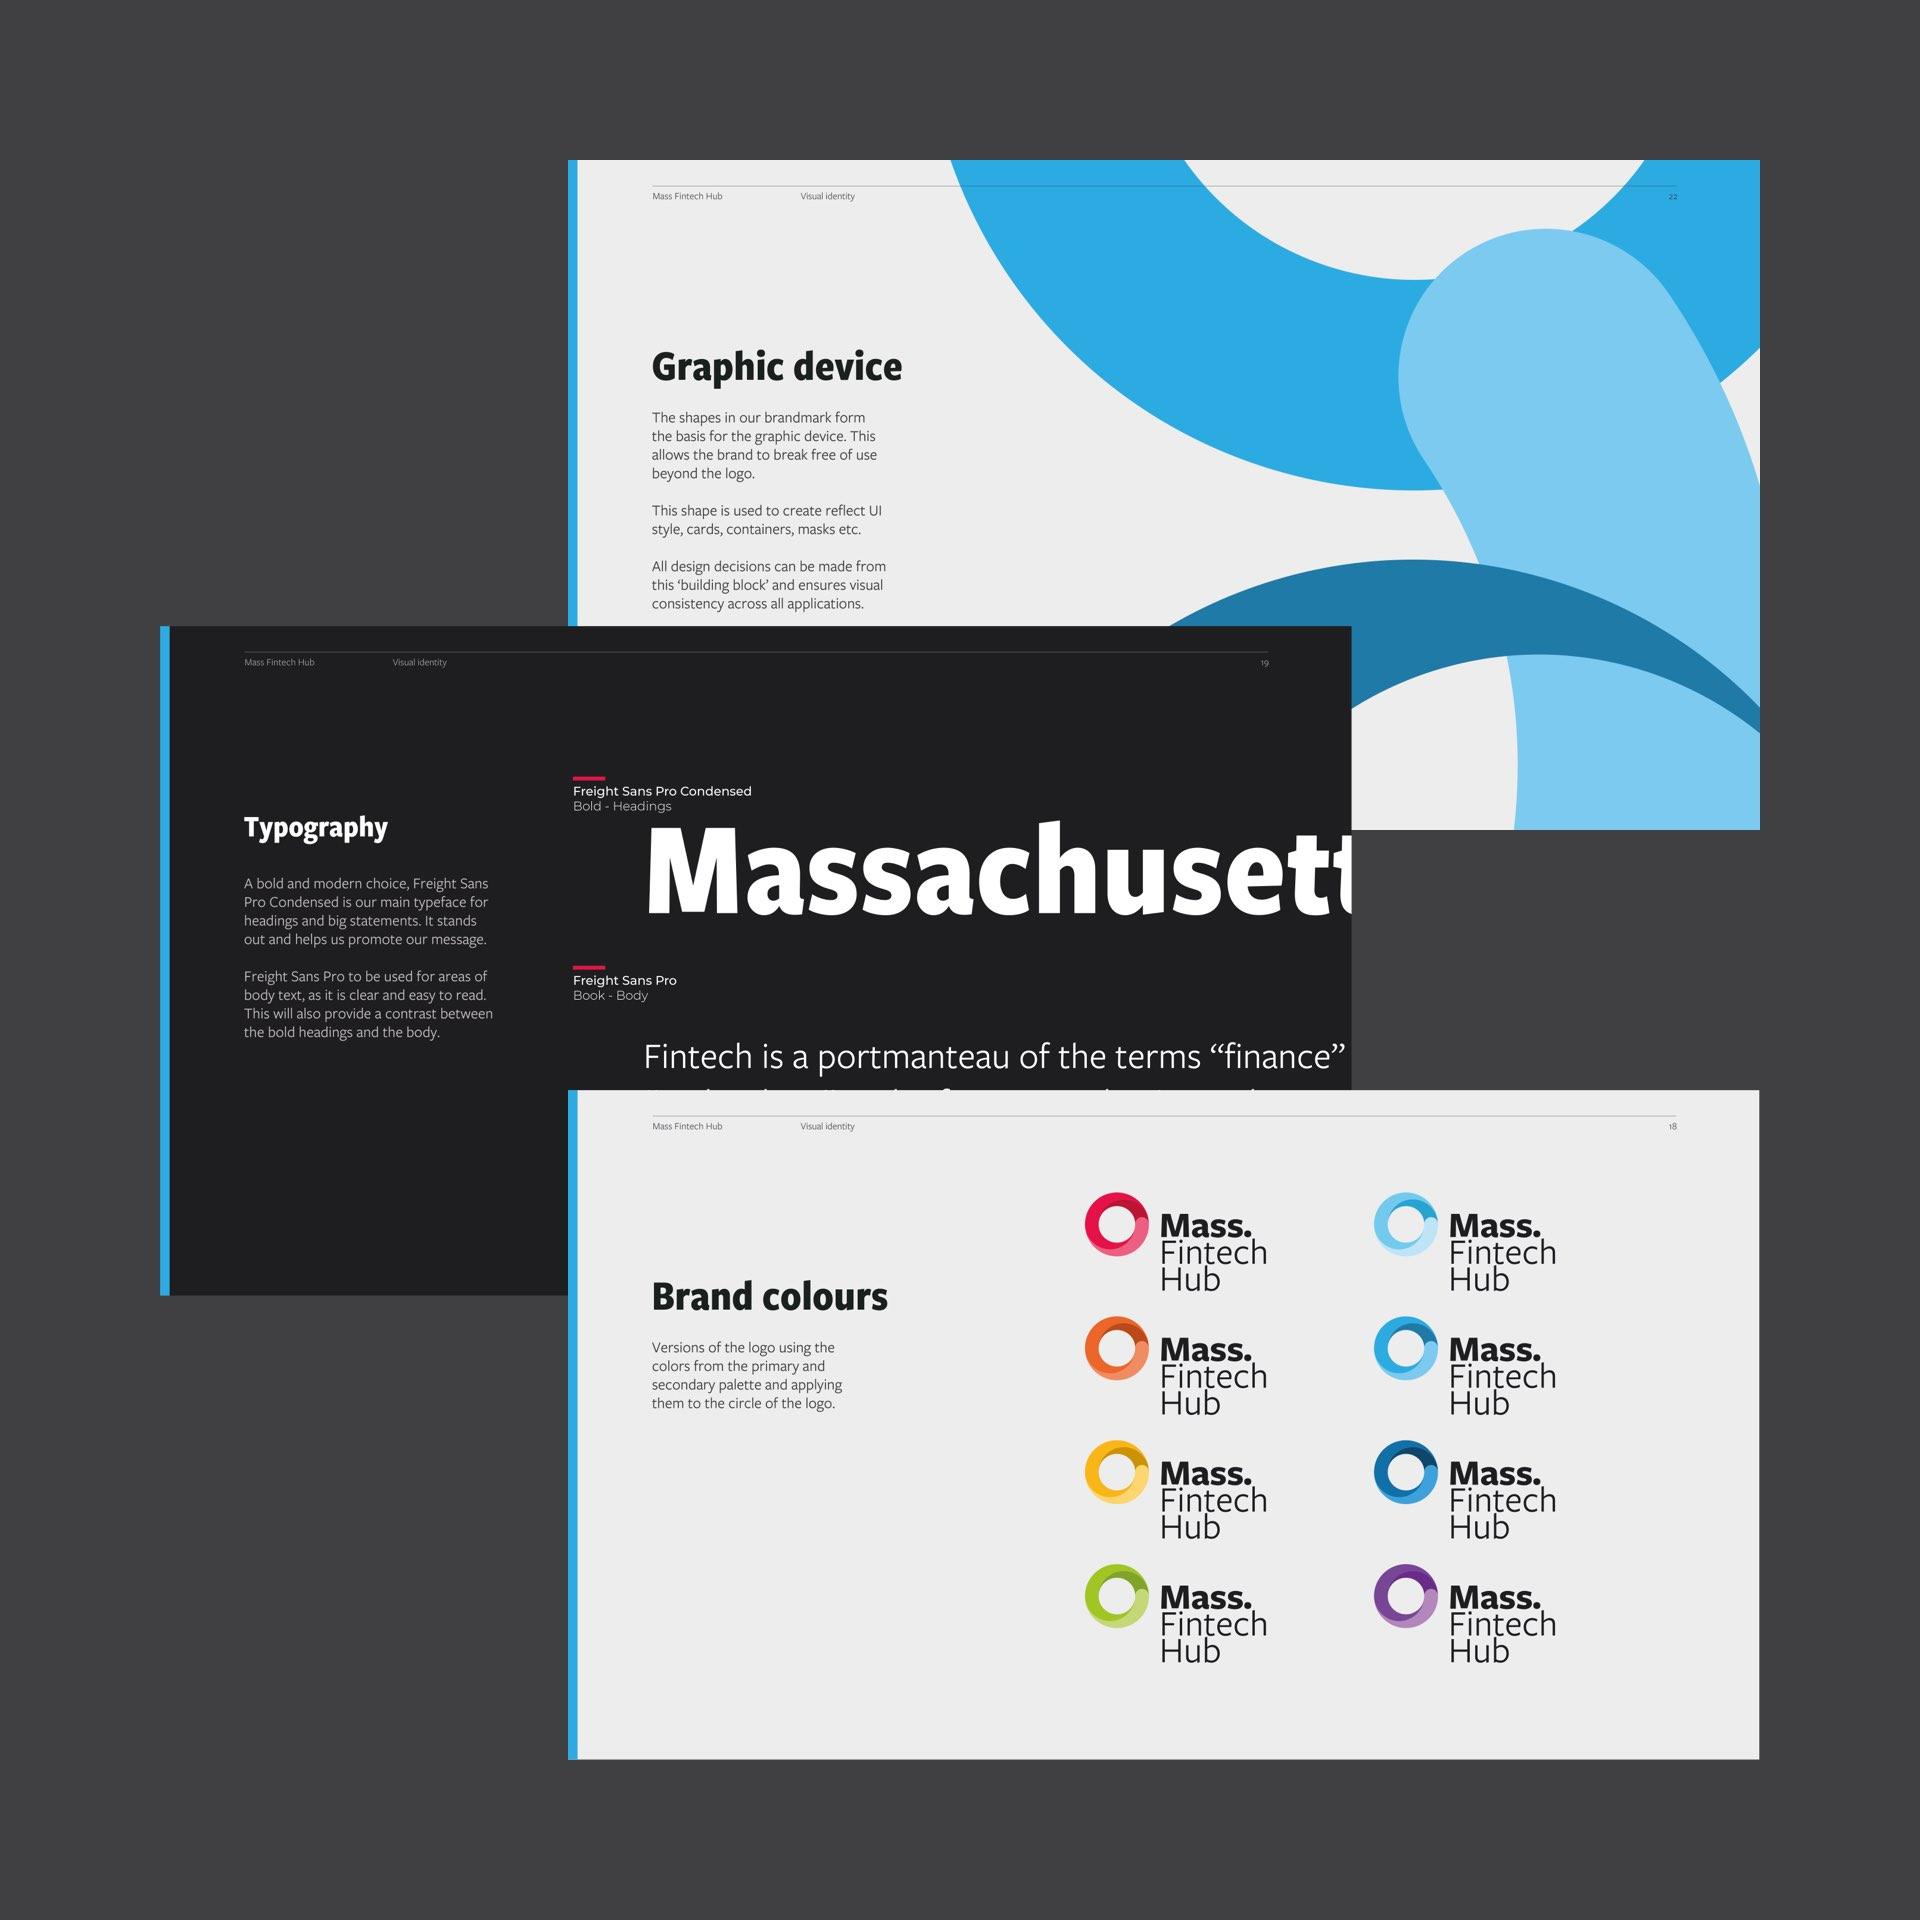 Mass Fintech Hub